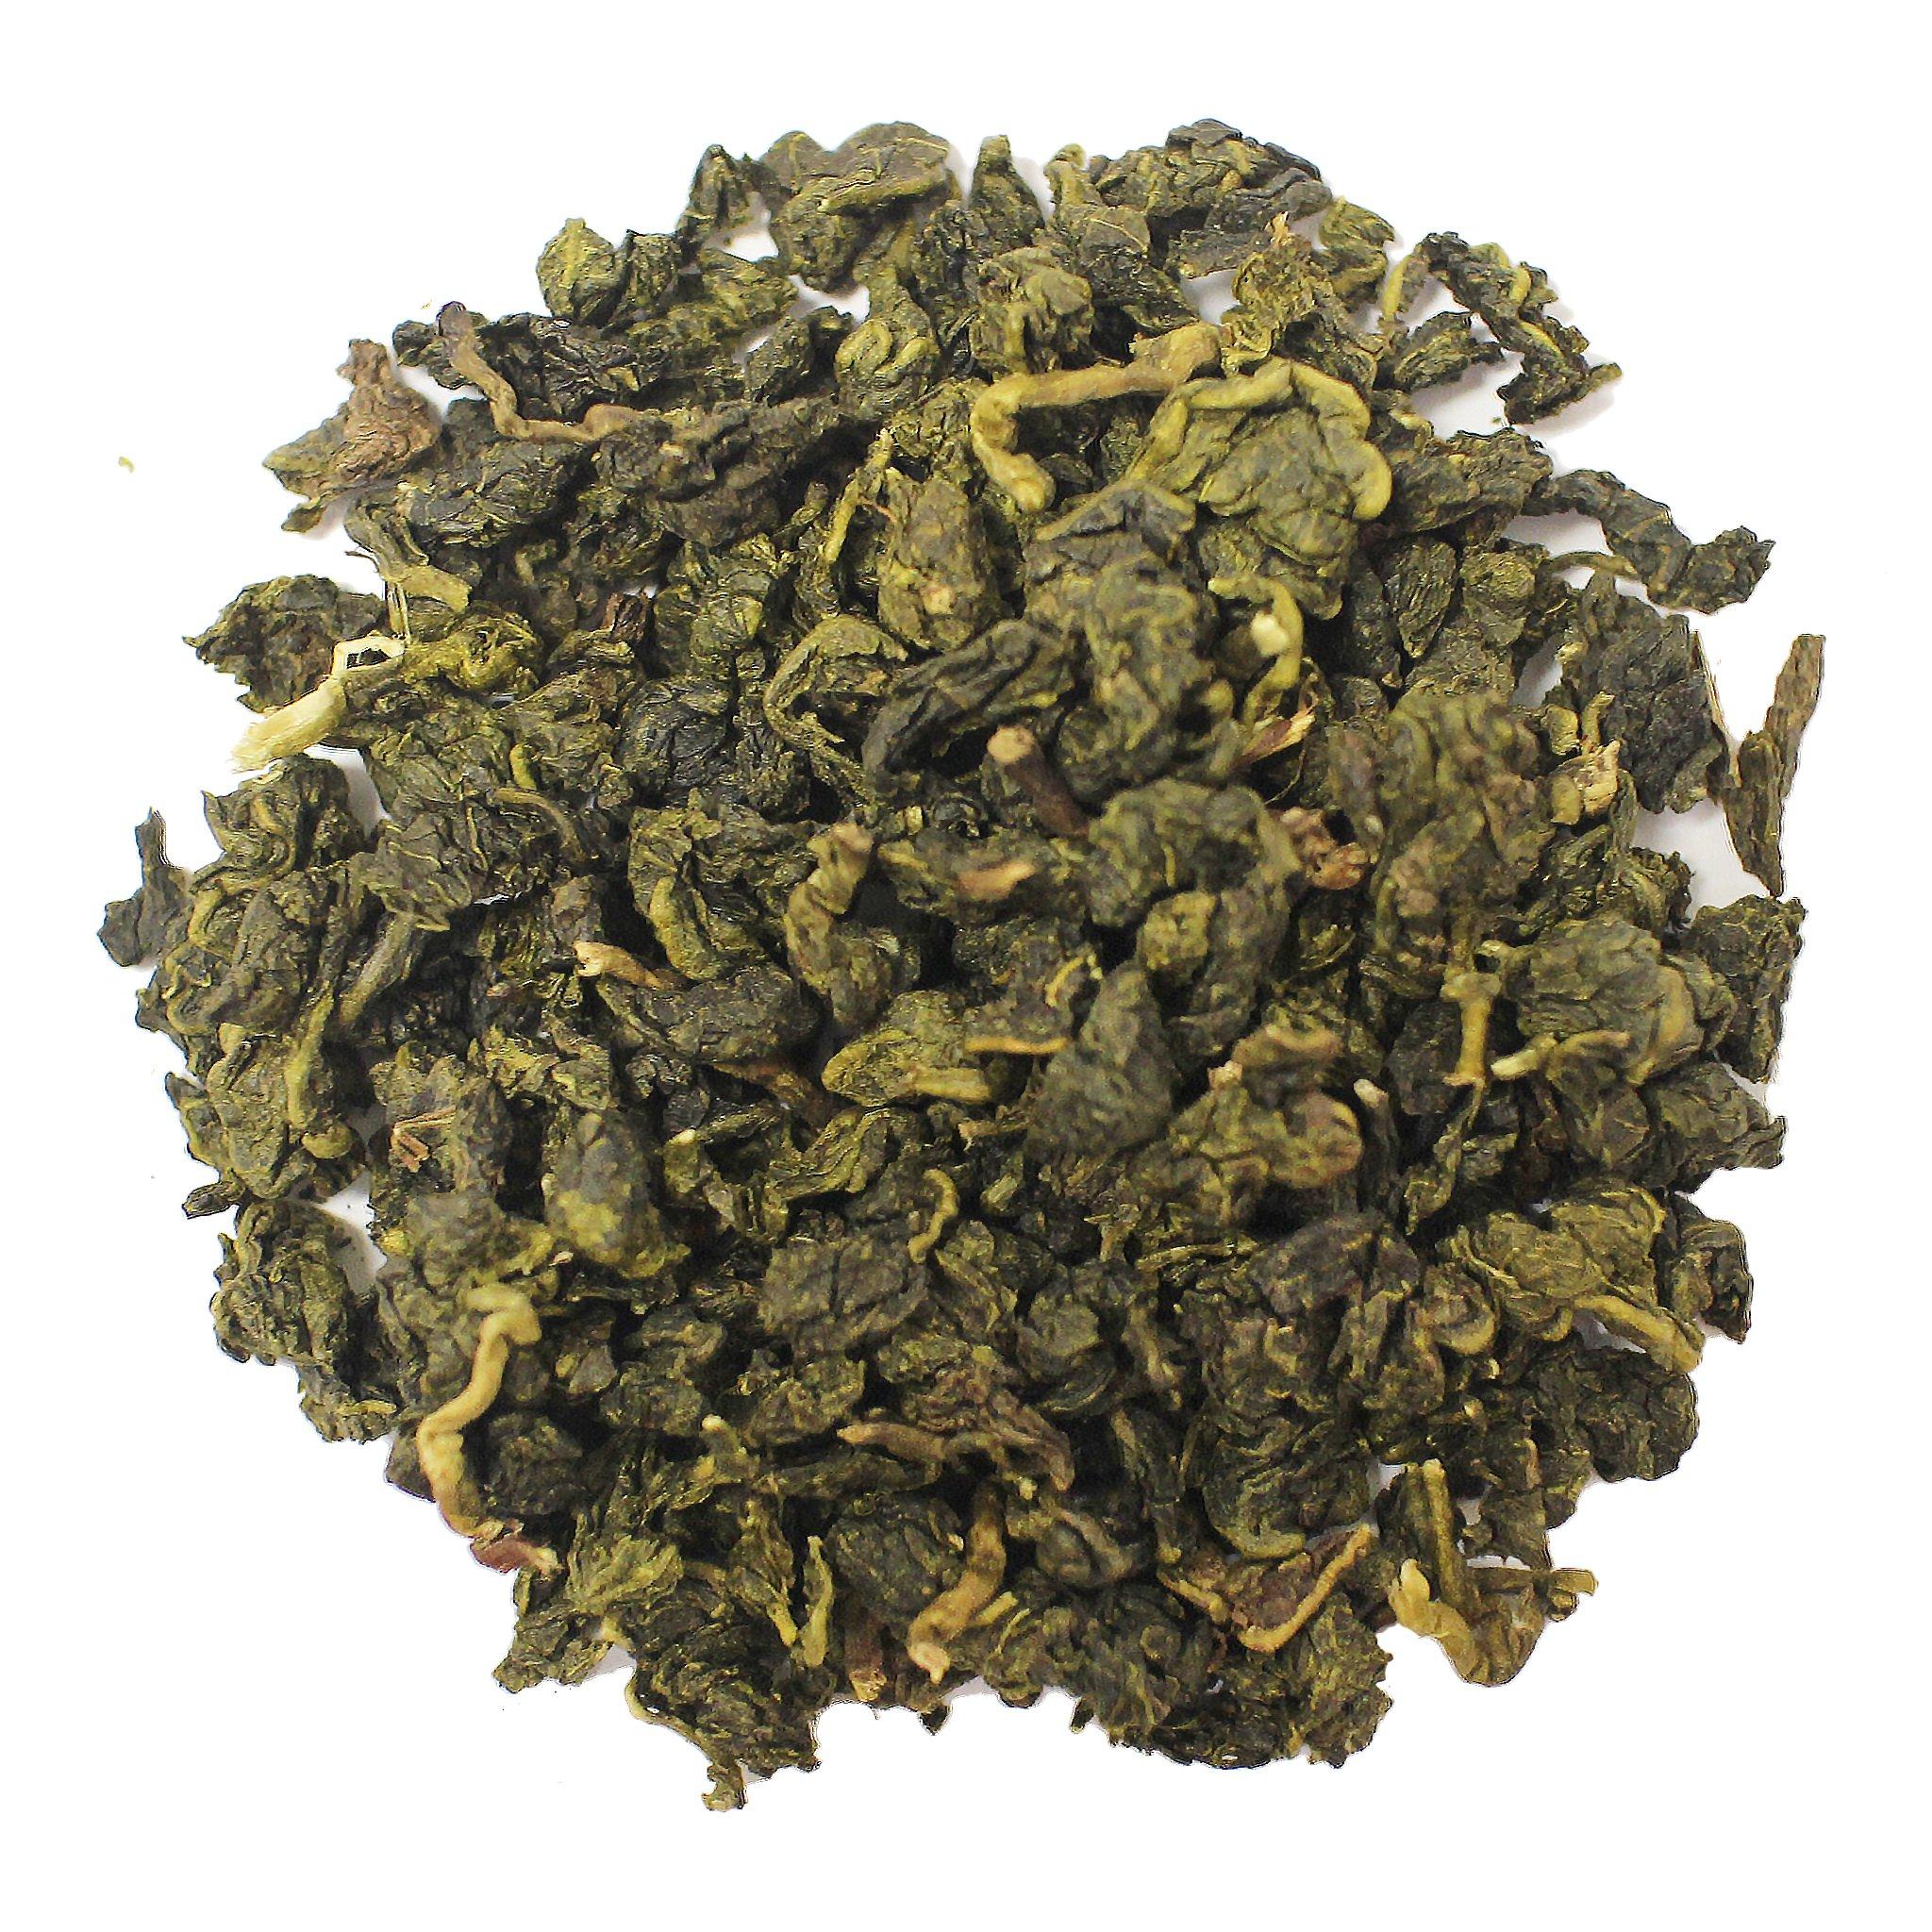 The Tea Farm - Milk Oolong Tea - Loose Leaf Oolong Tea (16 Ounce Bag)